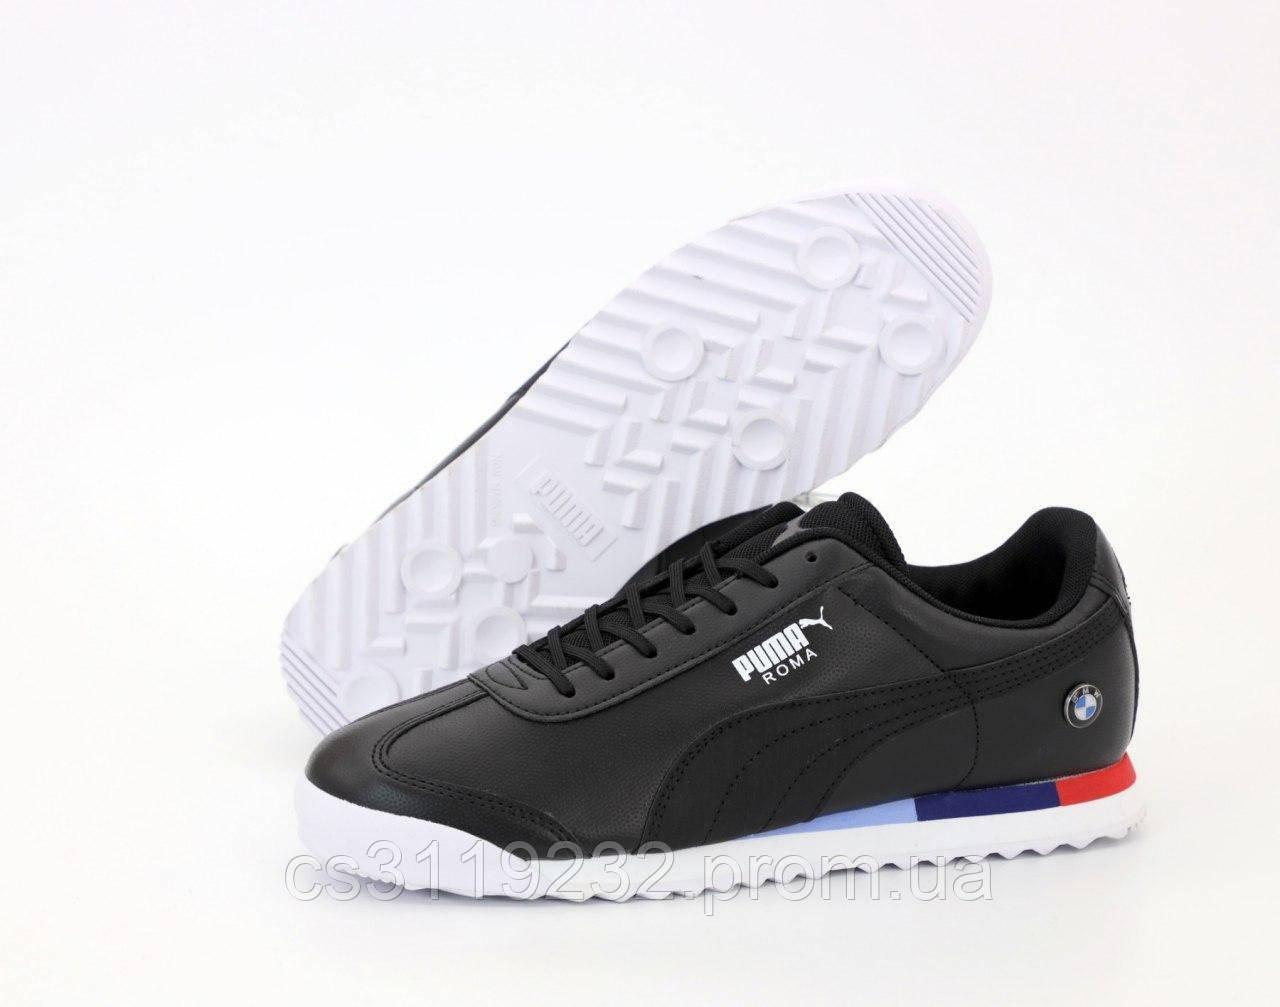 Мужские кроссовки Puma Roma BMW (черные)